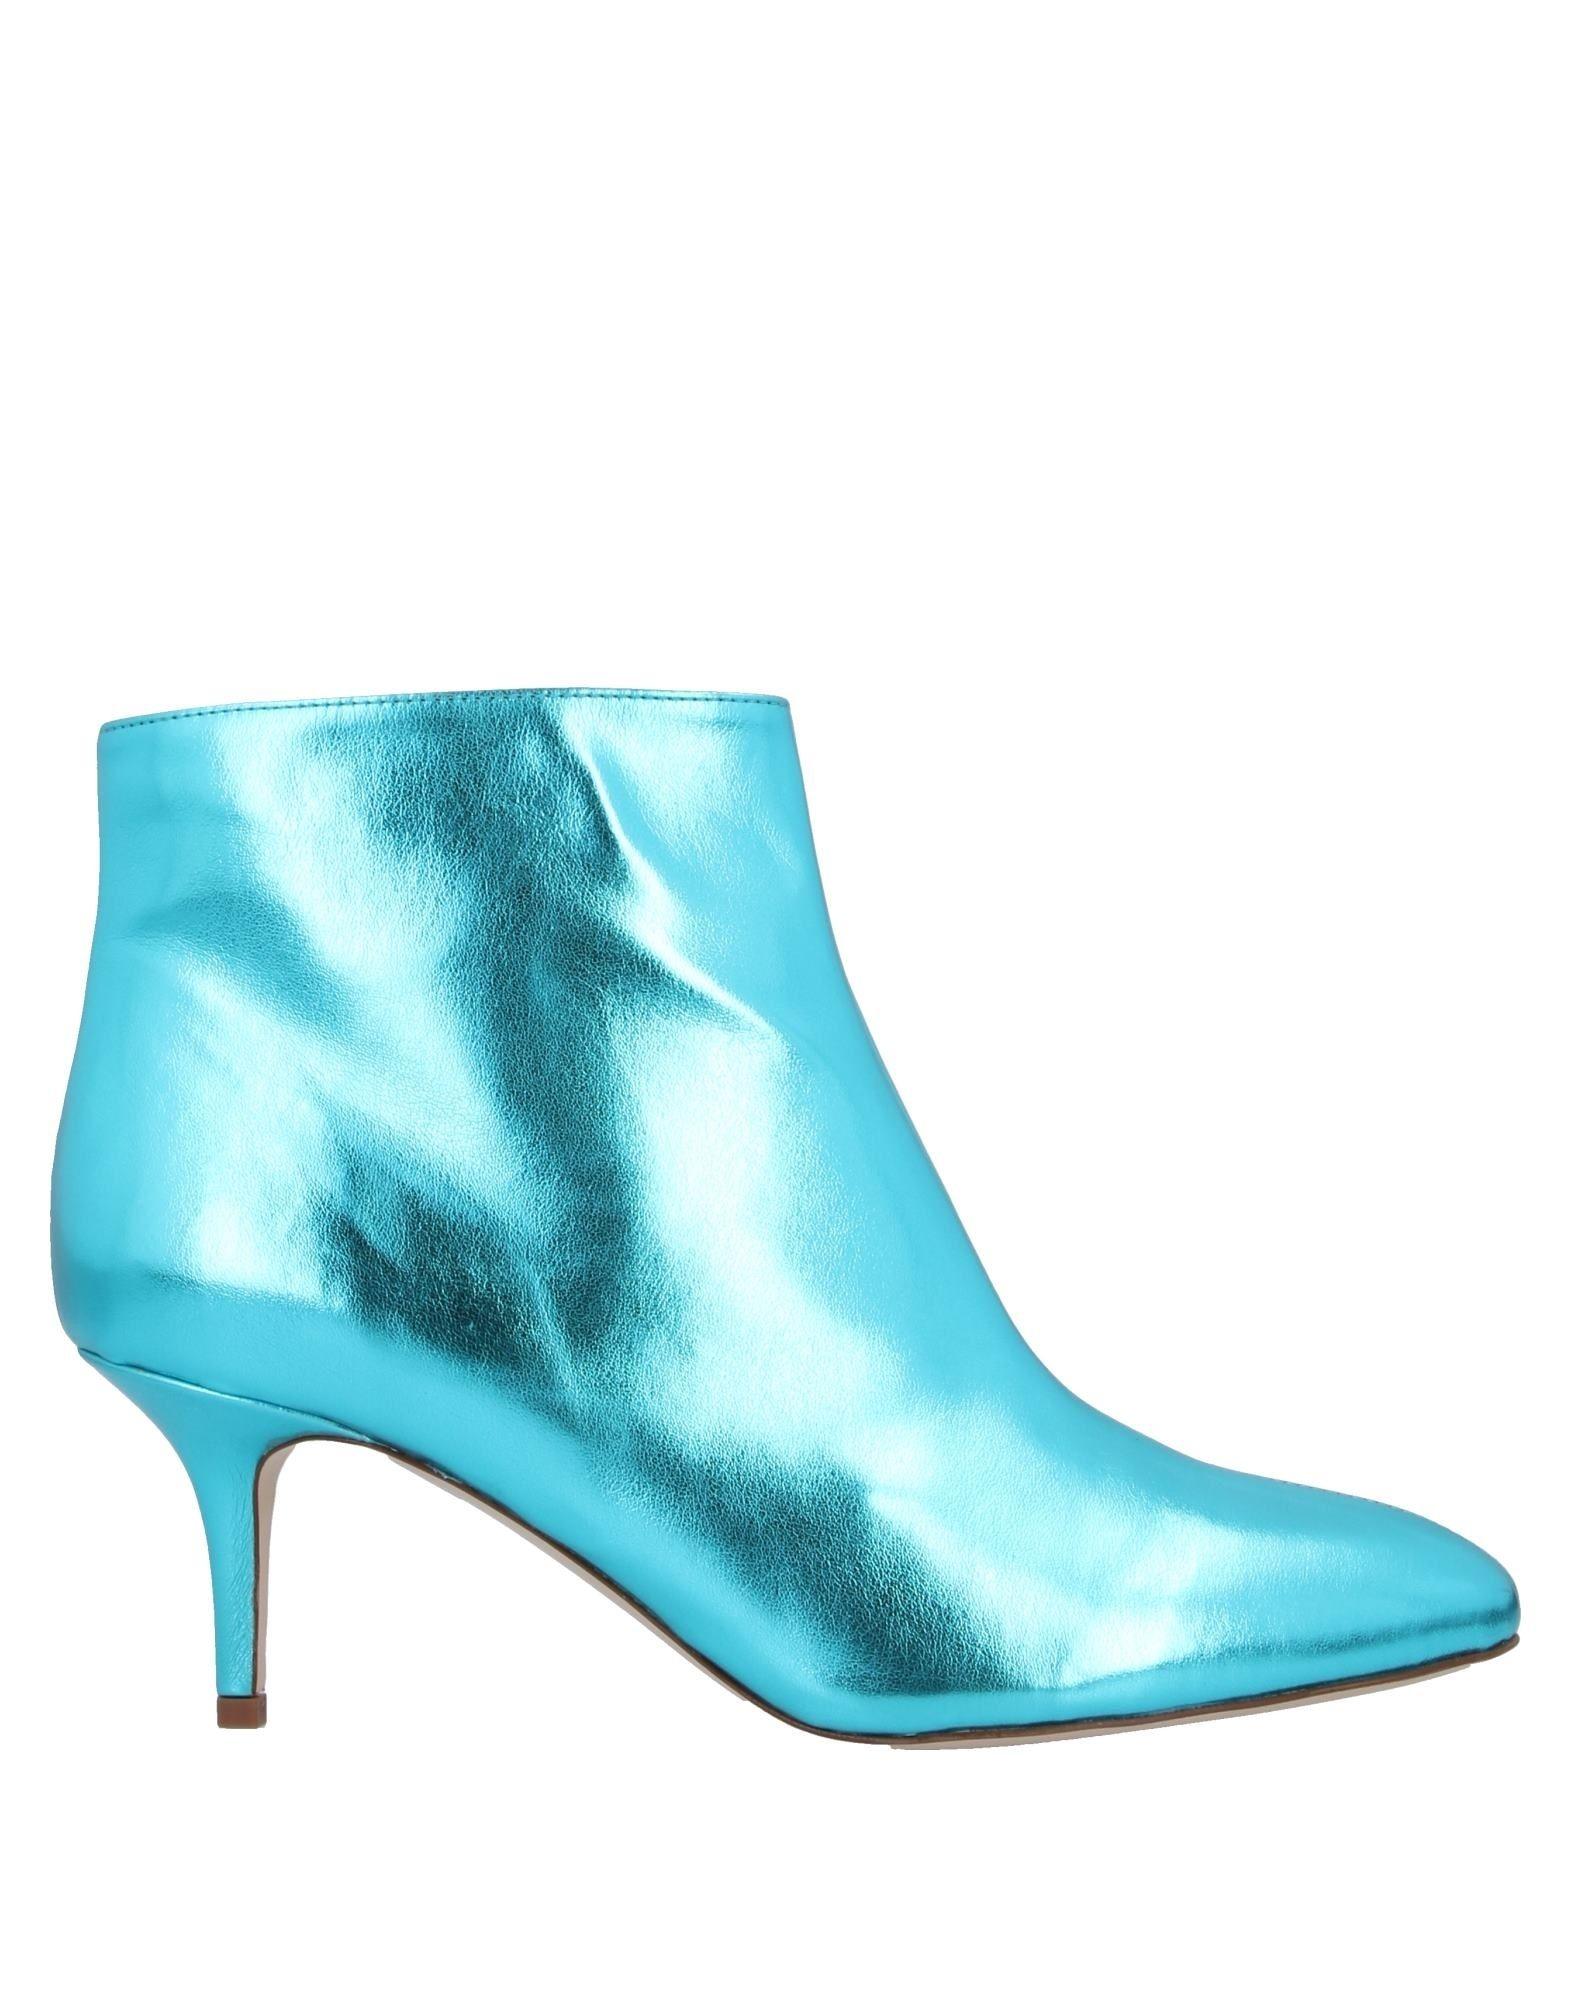 《送料無料》MARIE MAR? レディース ショートブーツ ターコイズブルー 39 革